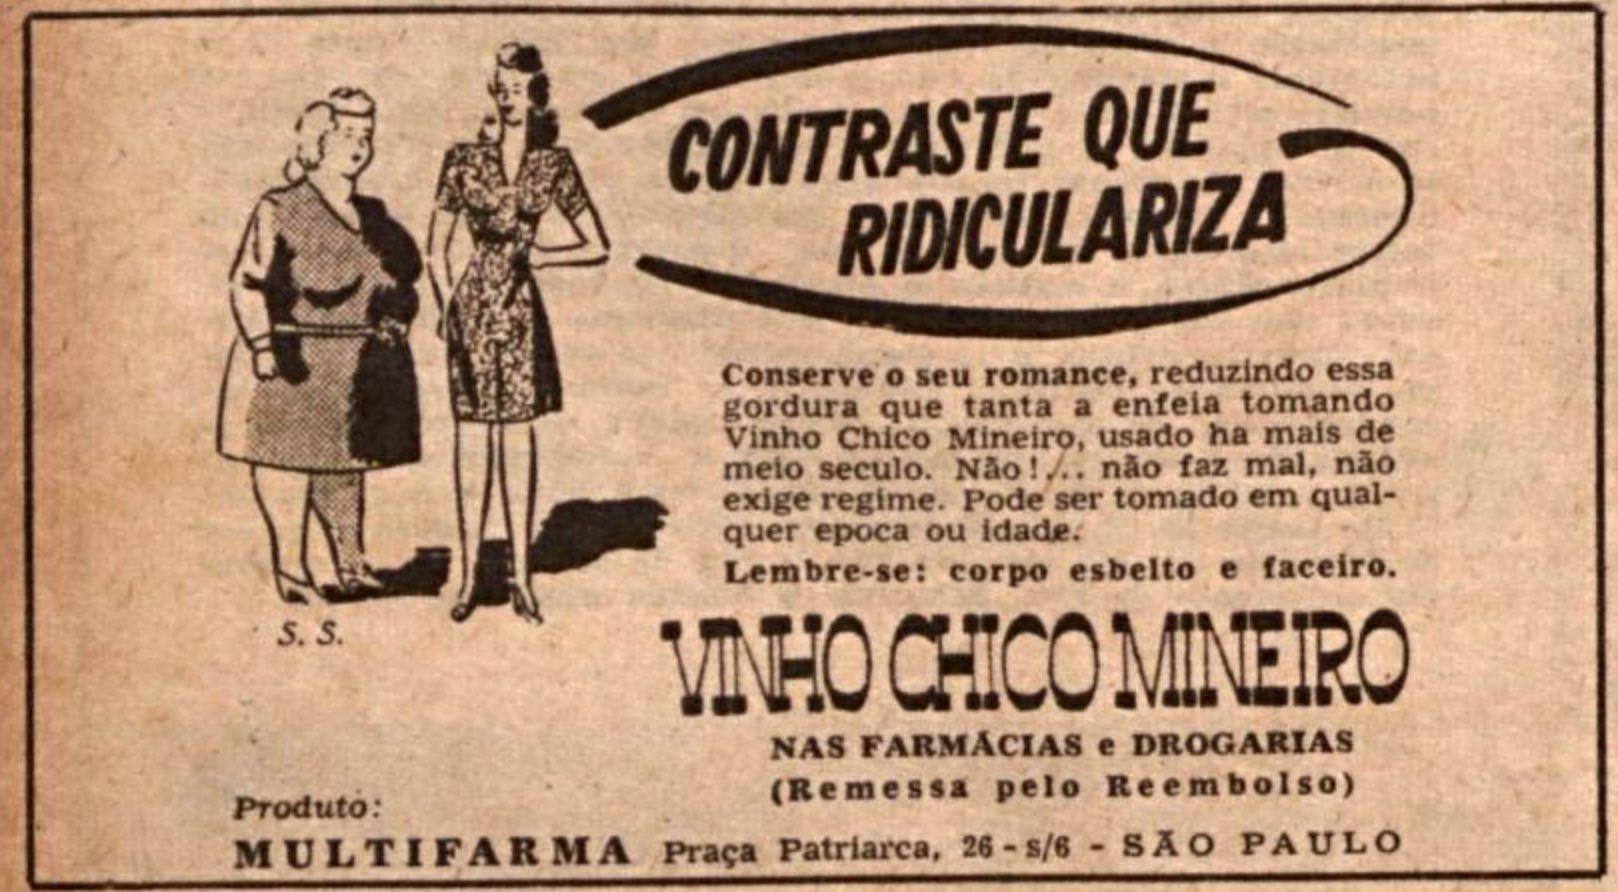 Anúncio de 1945 promovia fórmula para emagrecimento criticando pessoas gordas